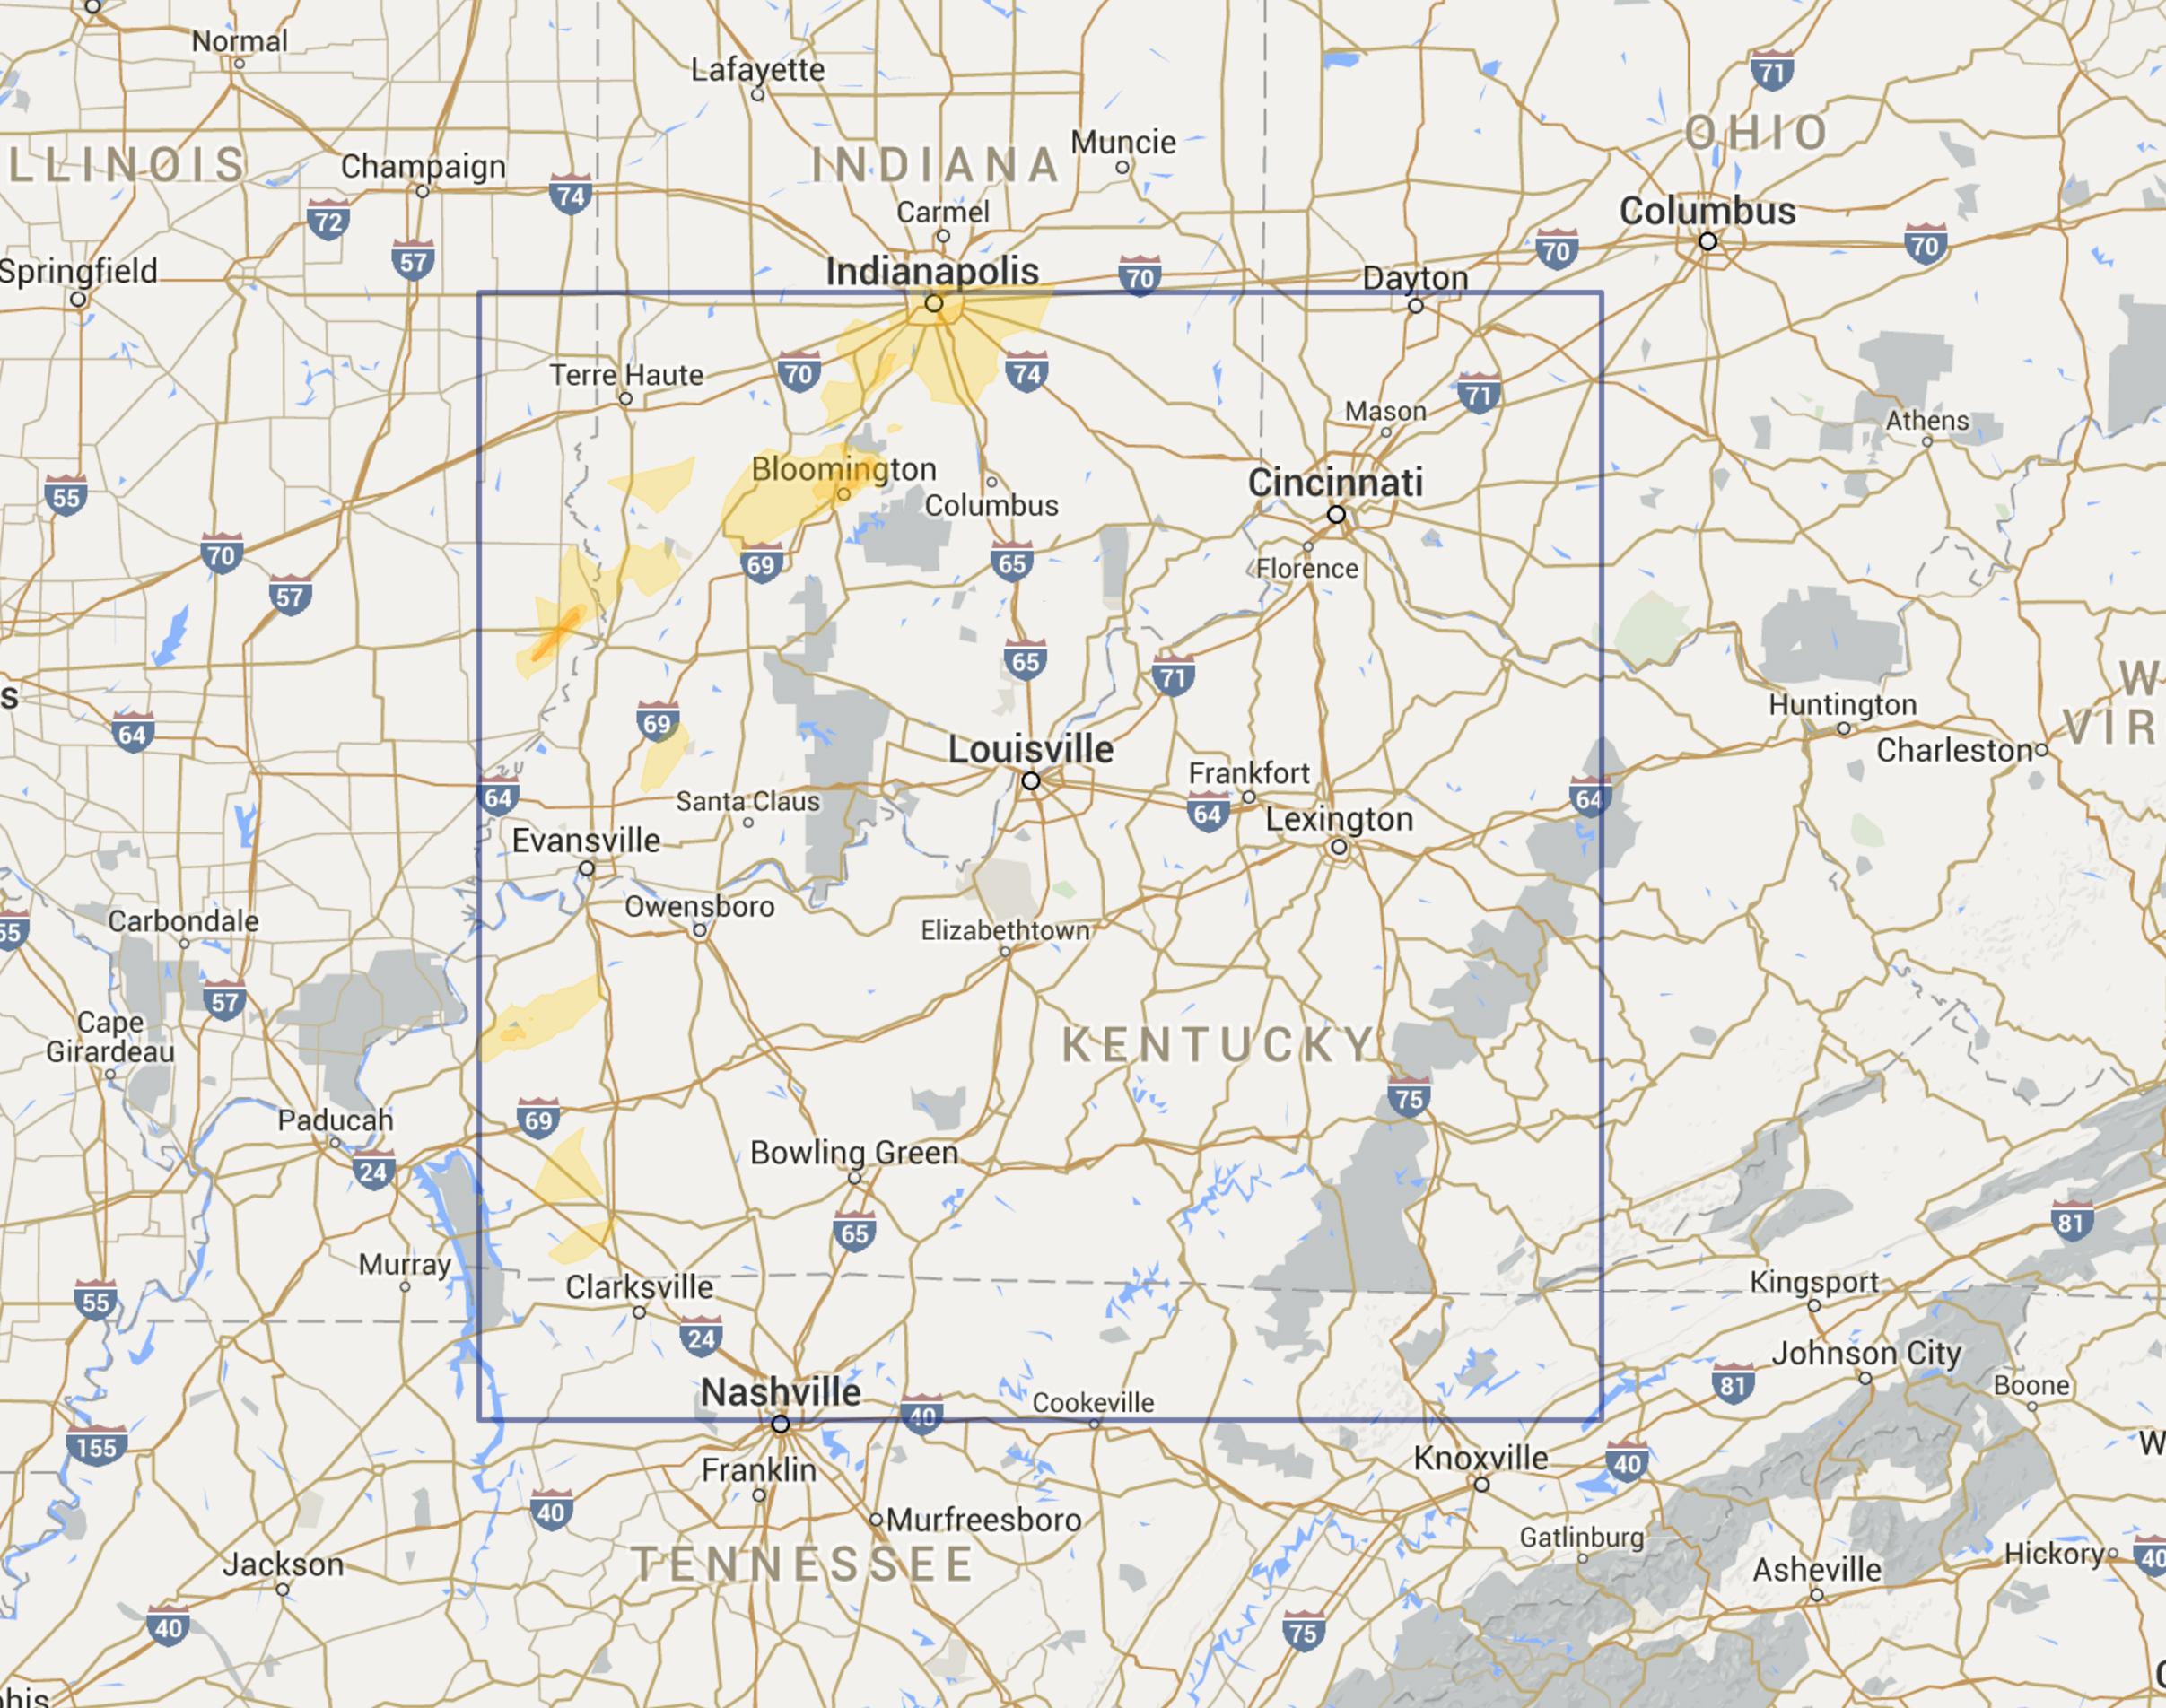 Louisville KY Region